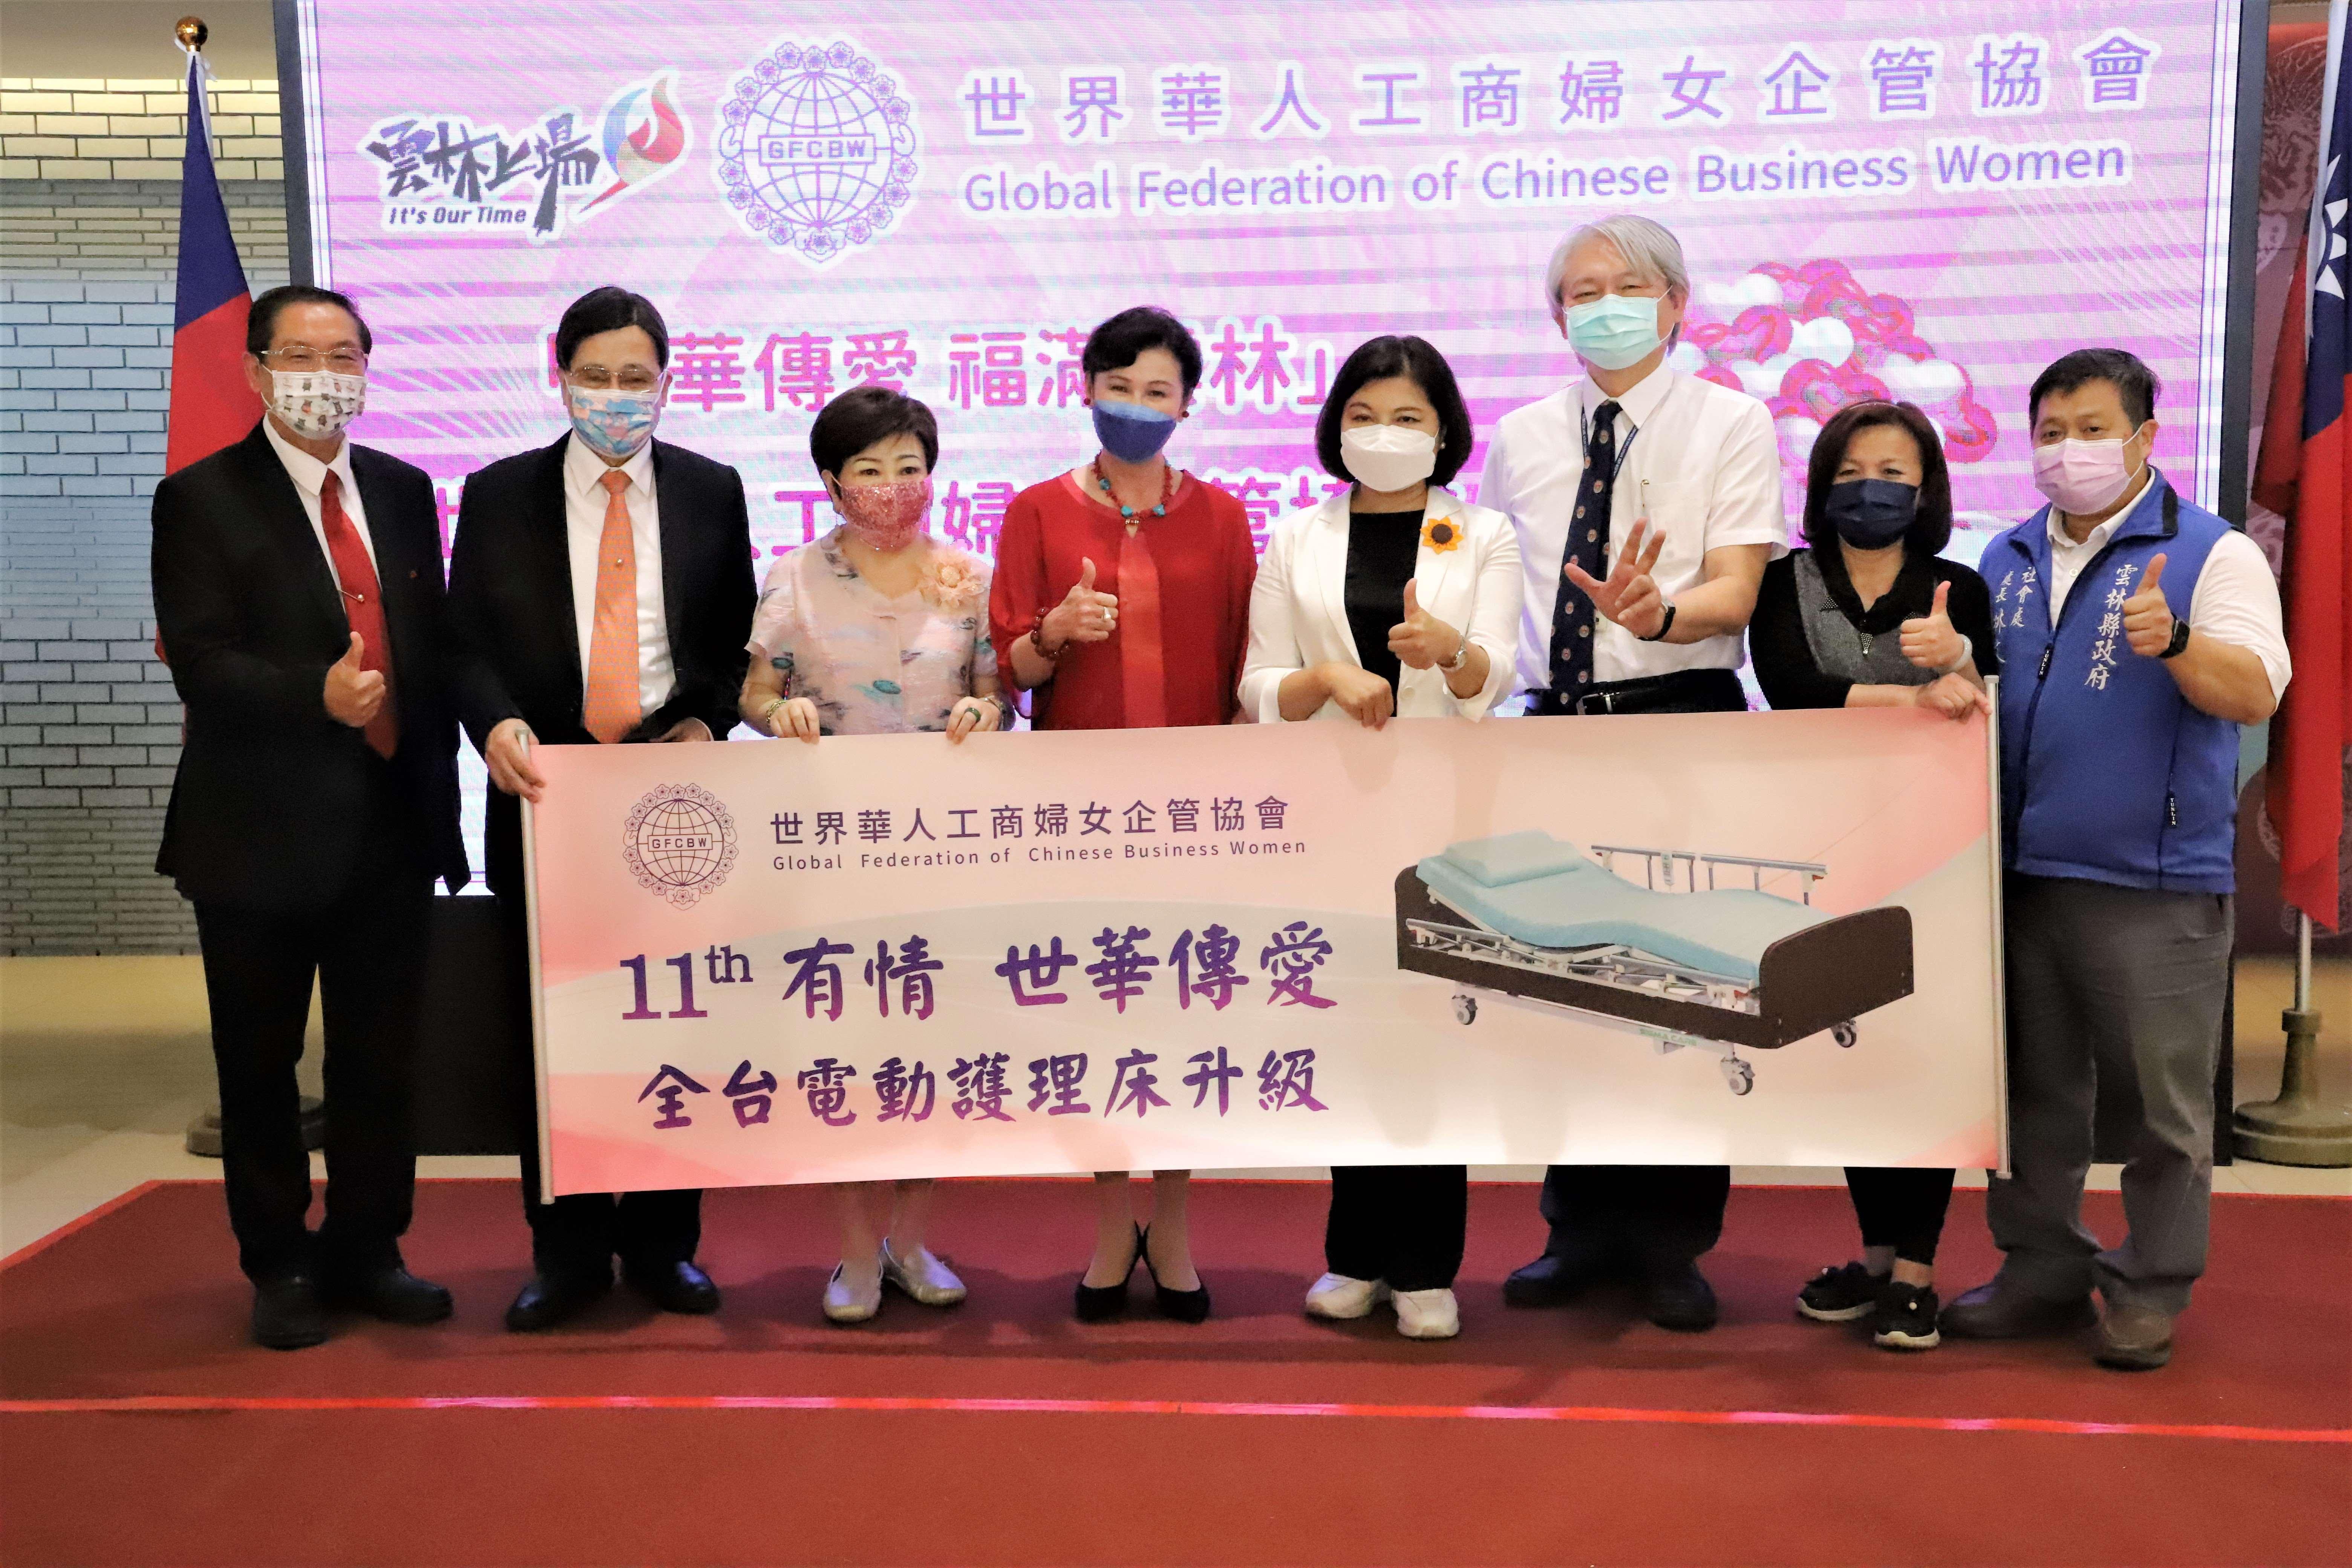 世界華人工商婦女企管協會捐贈雲林縣45張電動護理床。